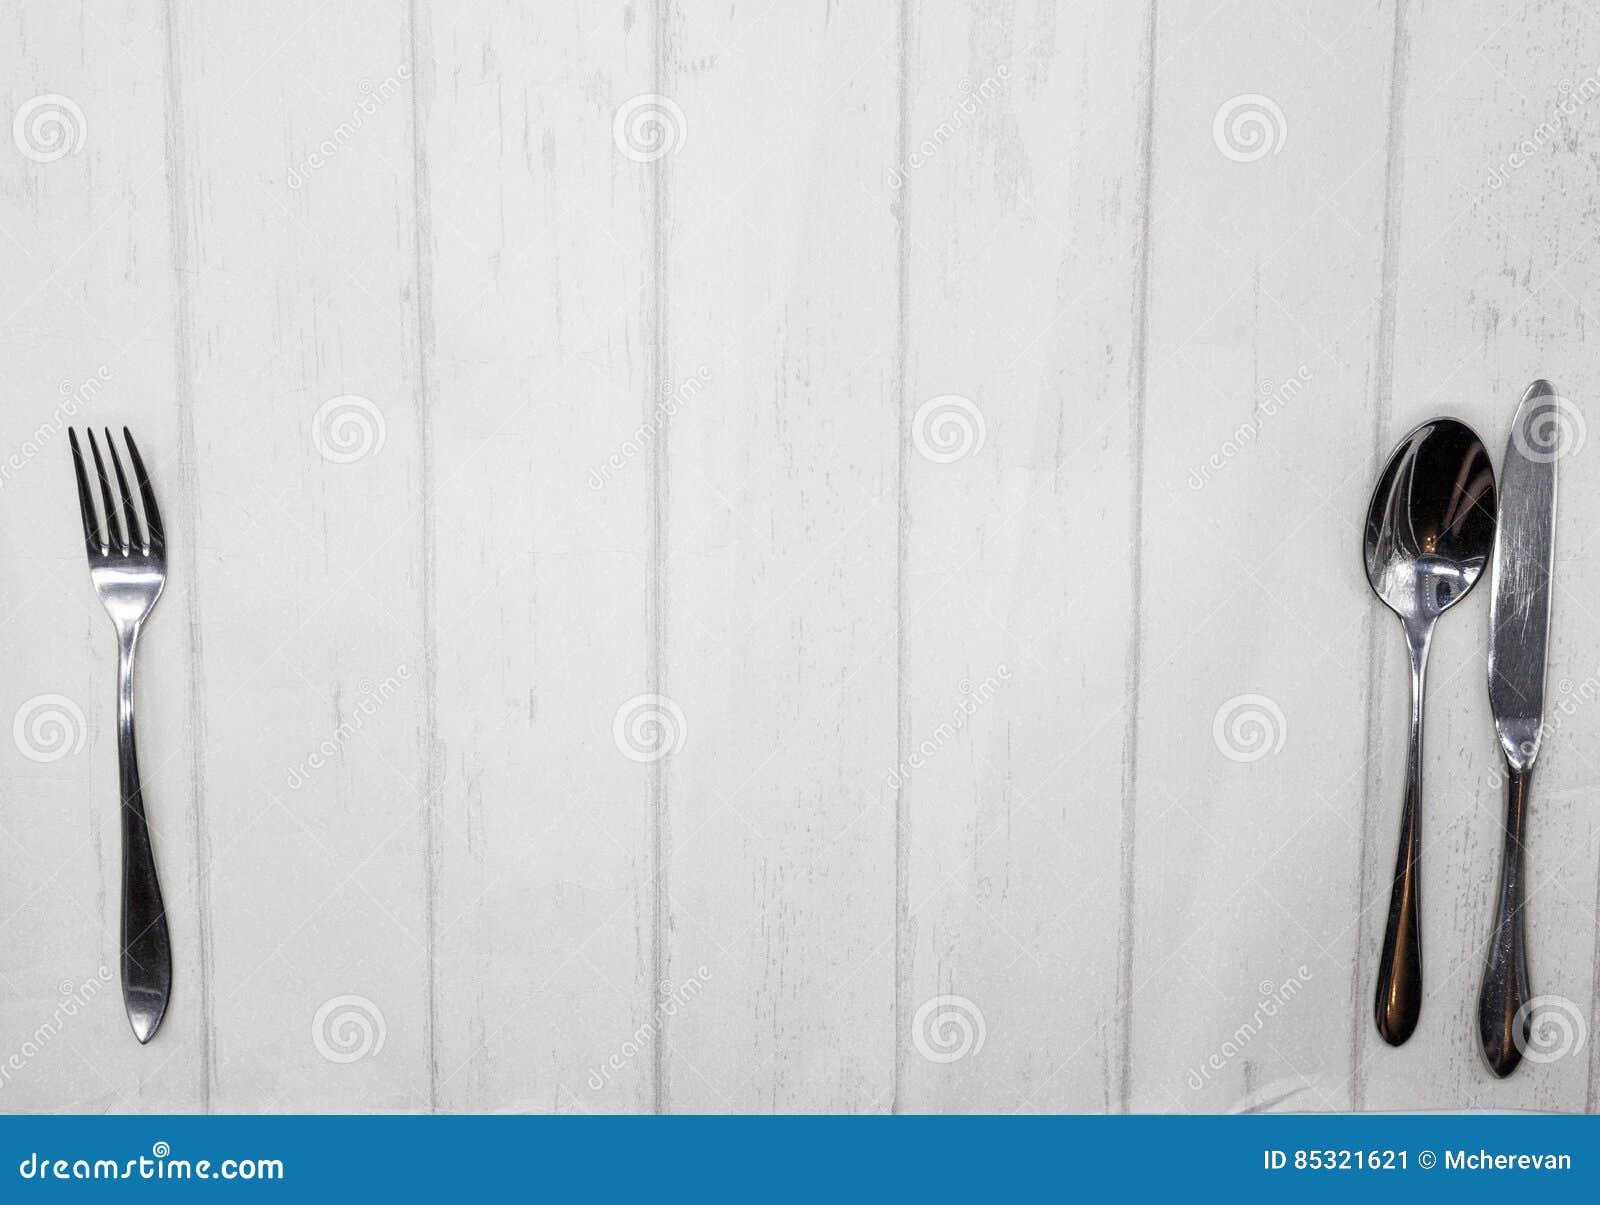 De stijl houten lijst van de Provence, achtergrond voor menu, bistro, koffie, restaurant Het mes, vork, lepel ligt op een lichte